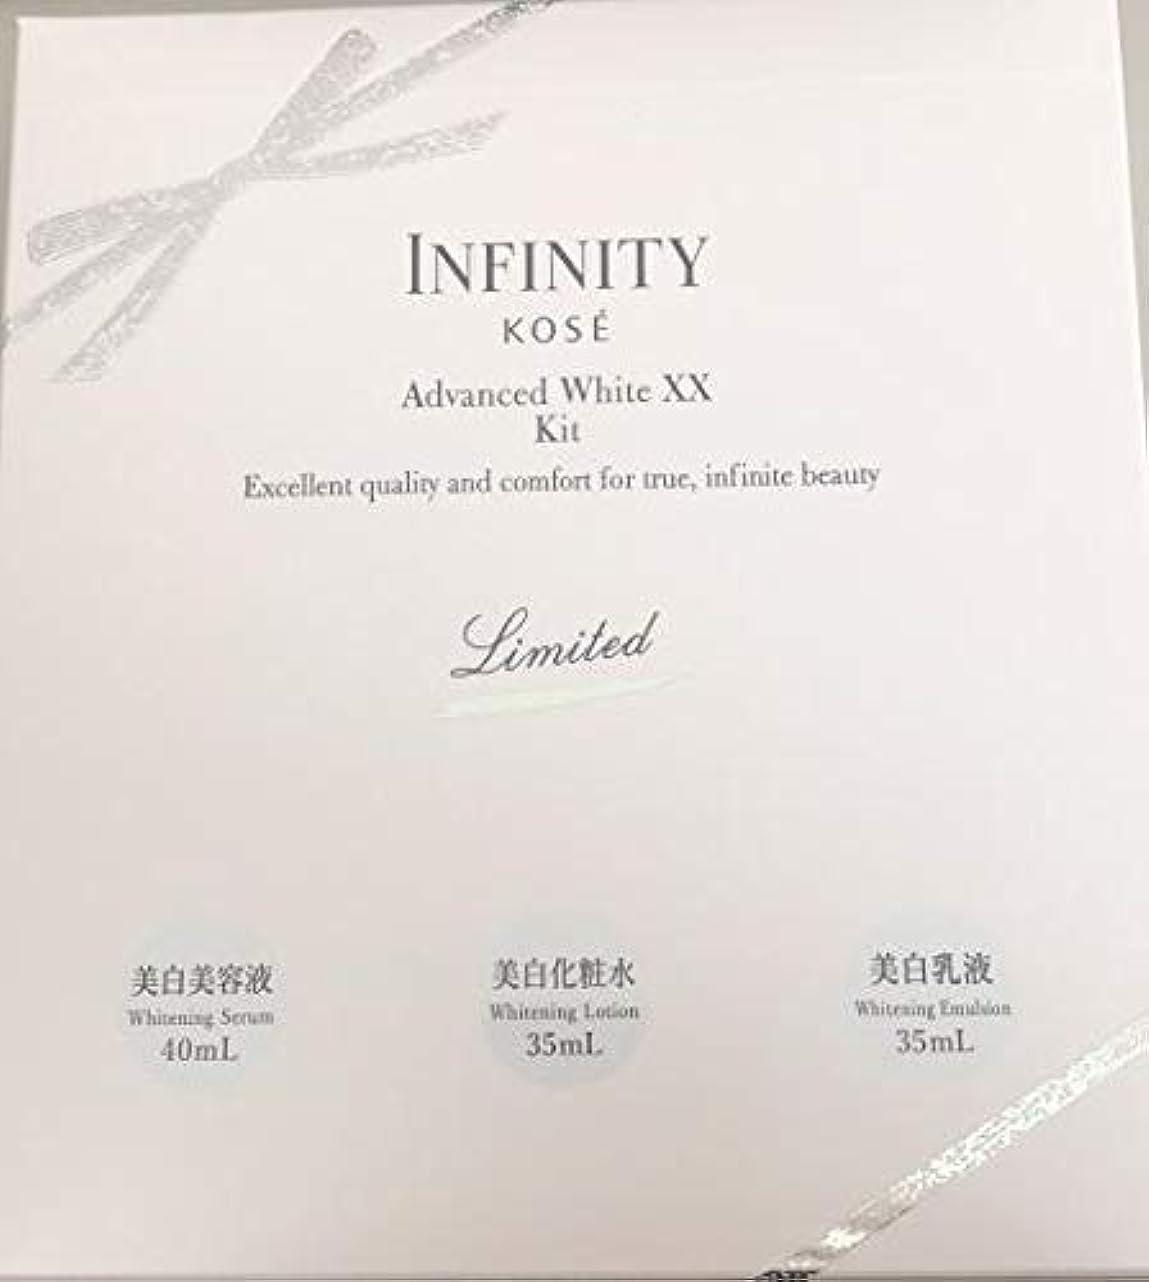 メロドラマフェンスリボン限定品 コーセー インフィニティ アドバンスト ホワイト XX キット